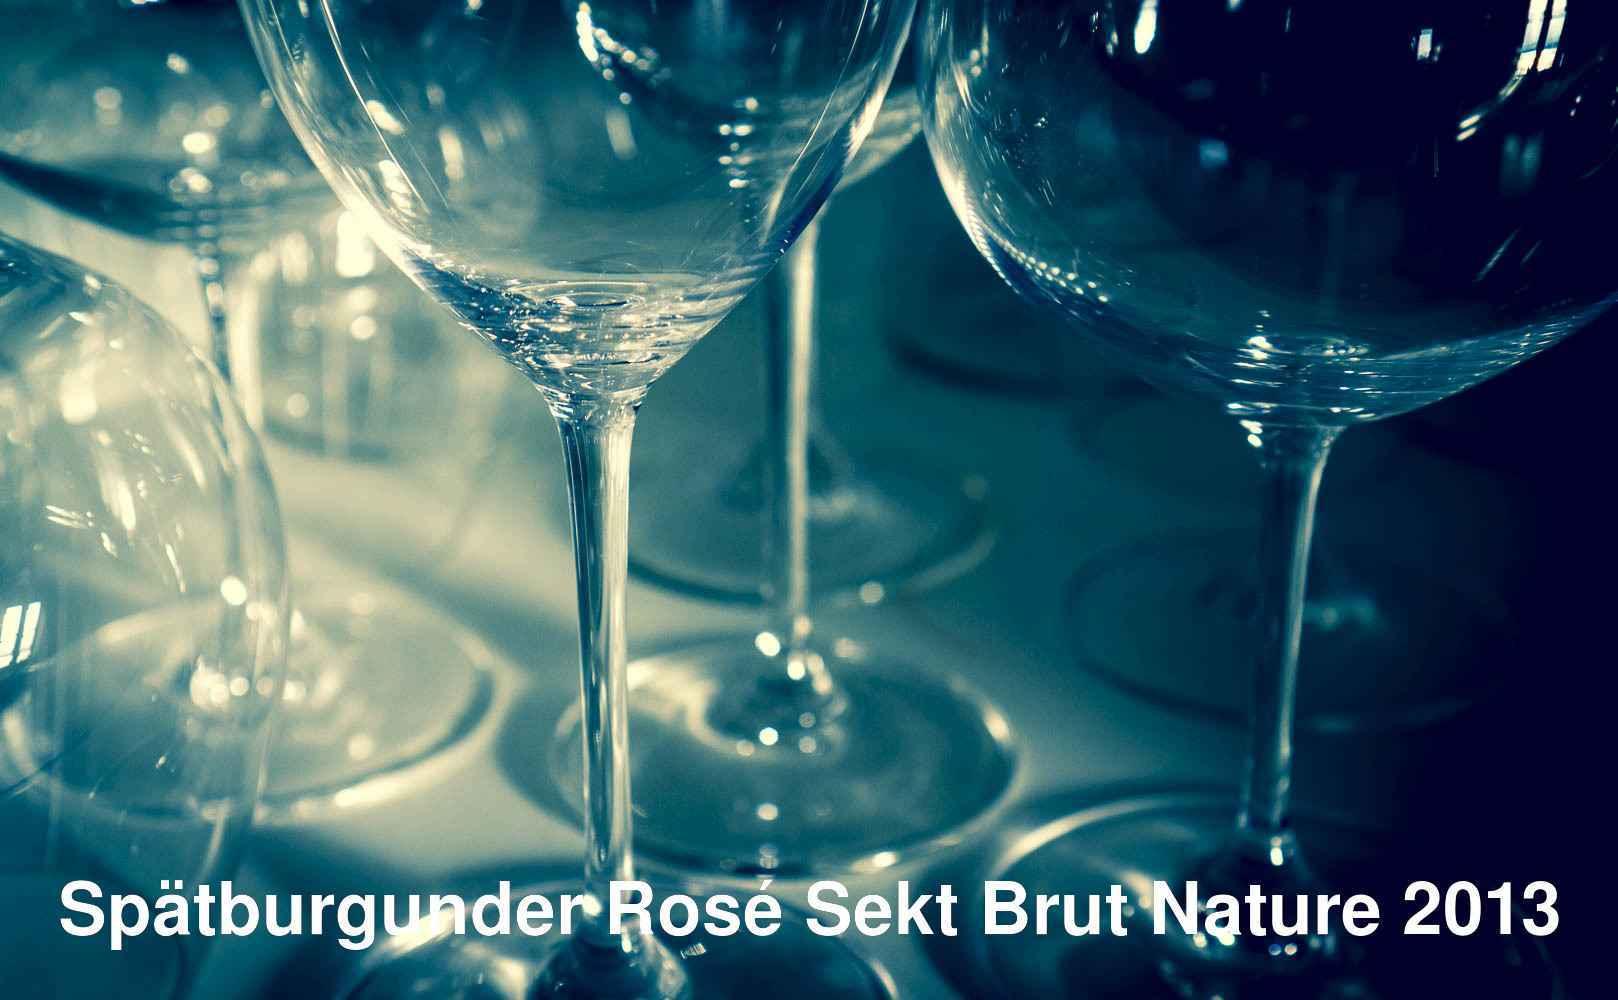 Go to Spätburgunder Rosé Sekt Brut Nature 2013 von J.B. Becker aus Rheingau, Deutschland